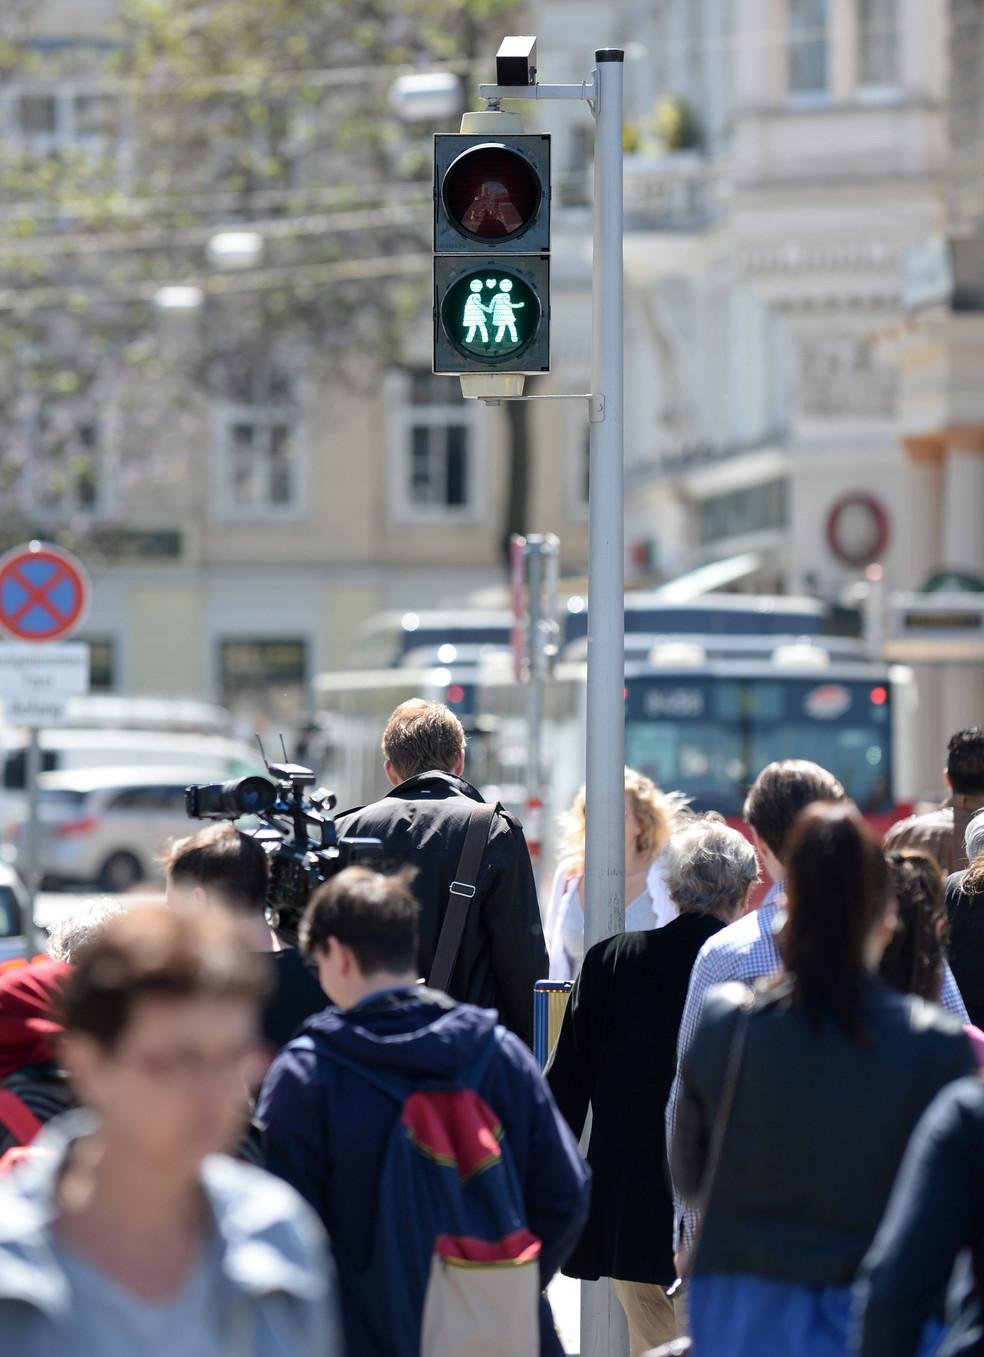 Foto van Wenen verwelkomt Eurovisiesongfestival met holebivriendelijke verkeerslichten